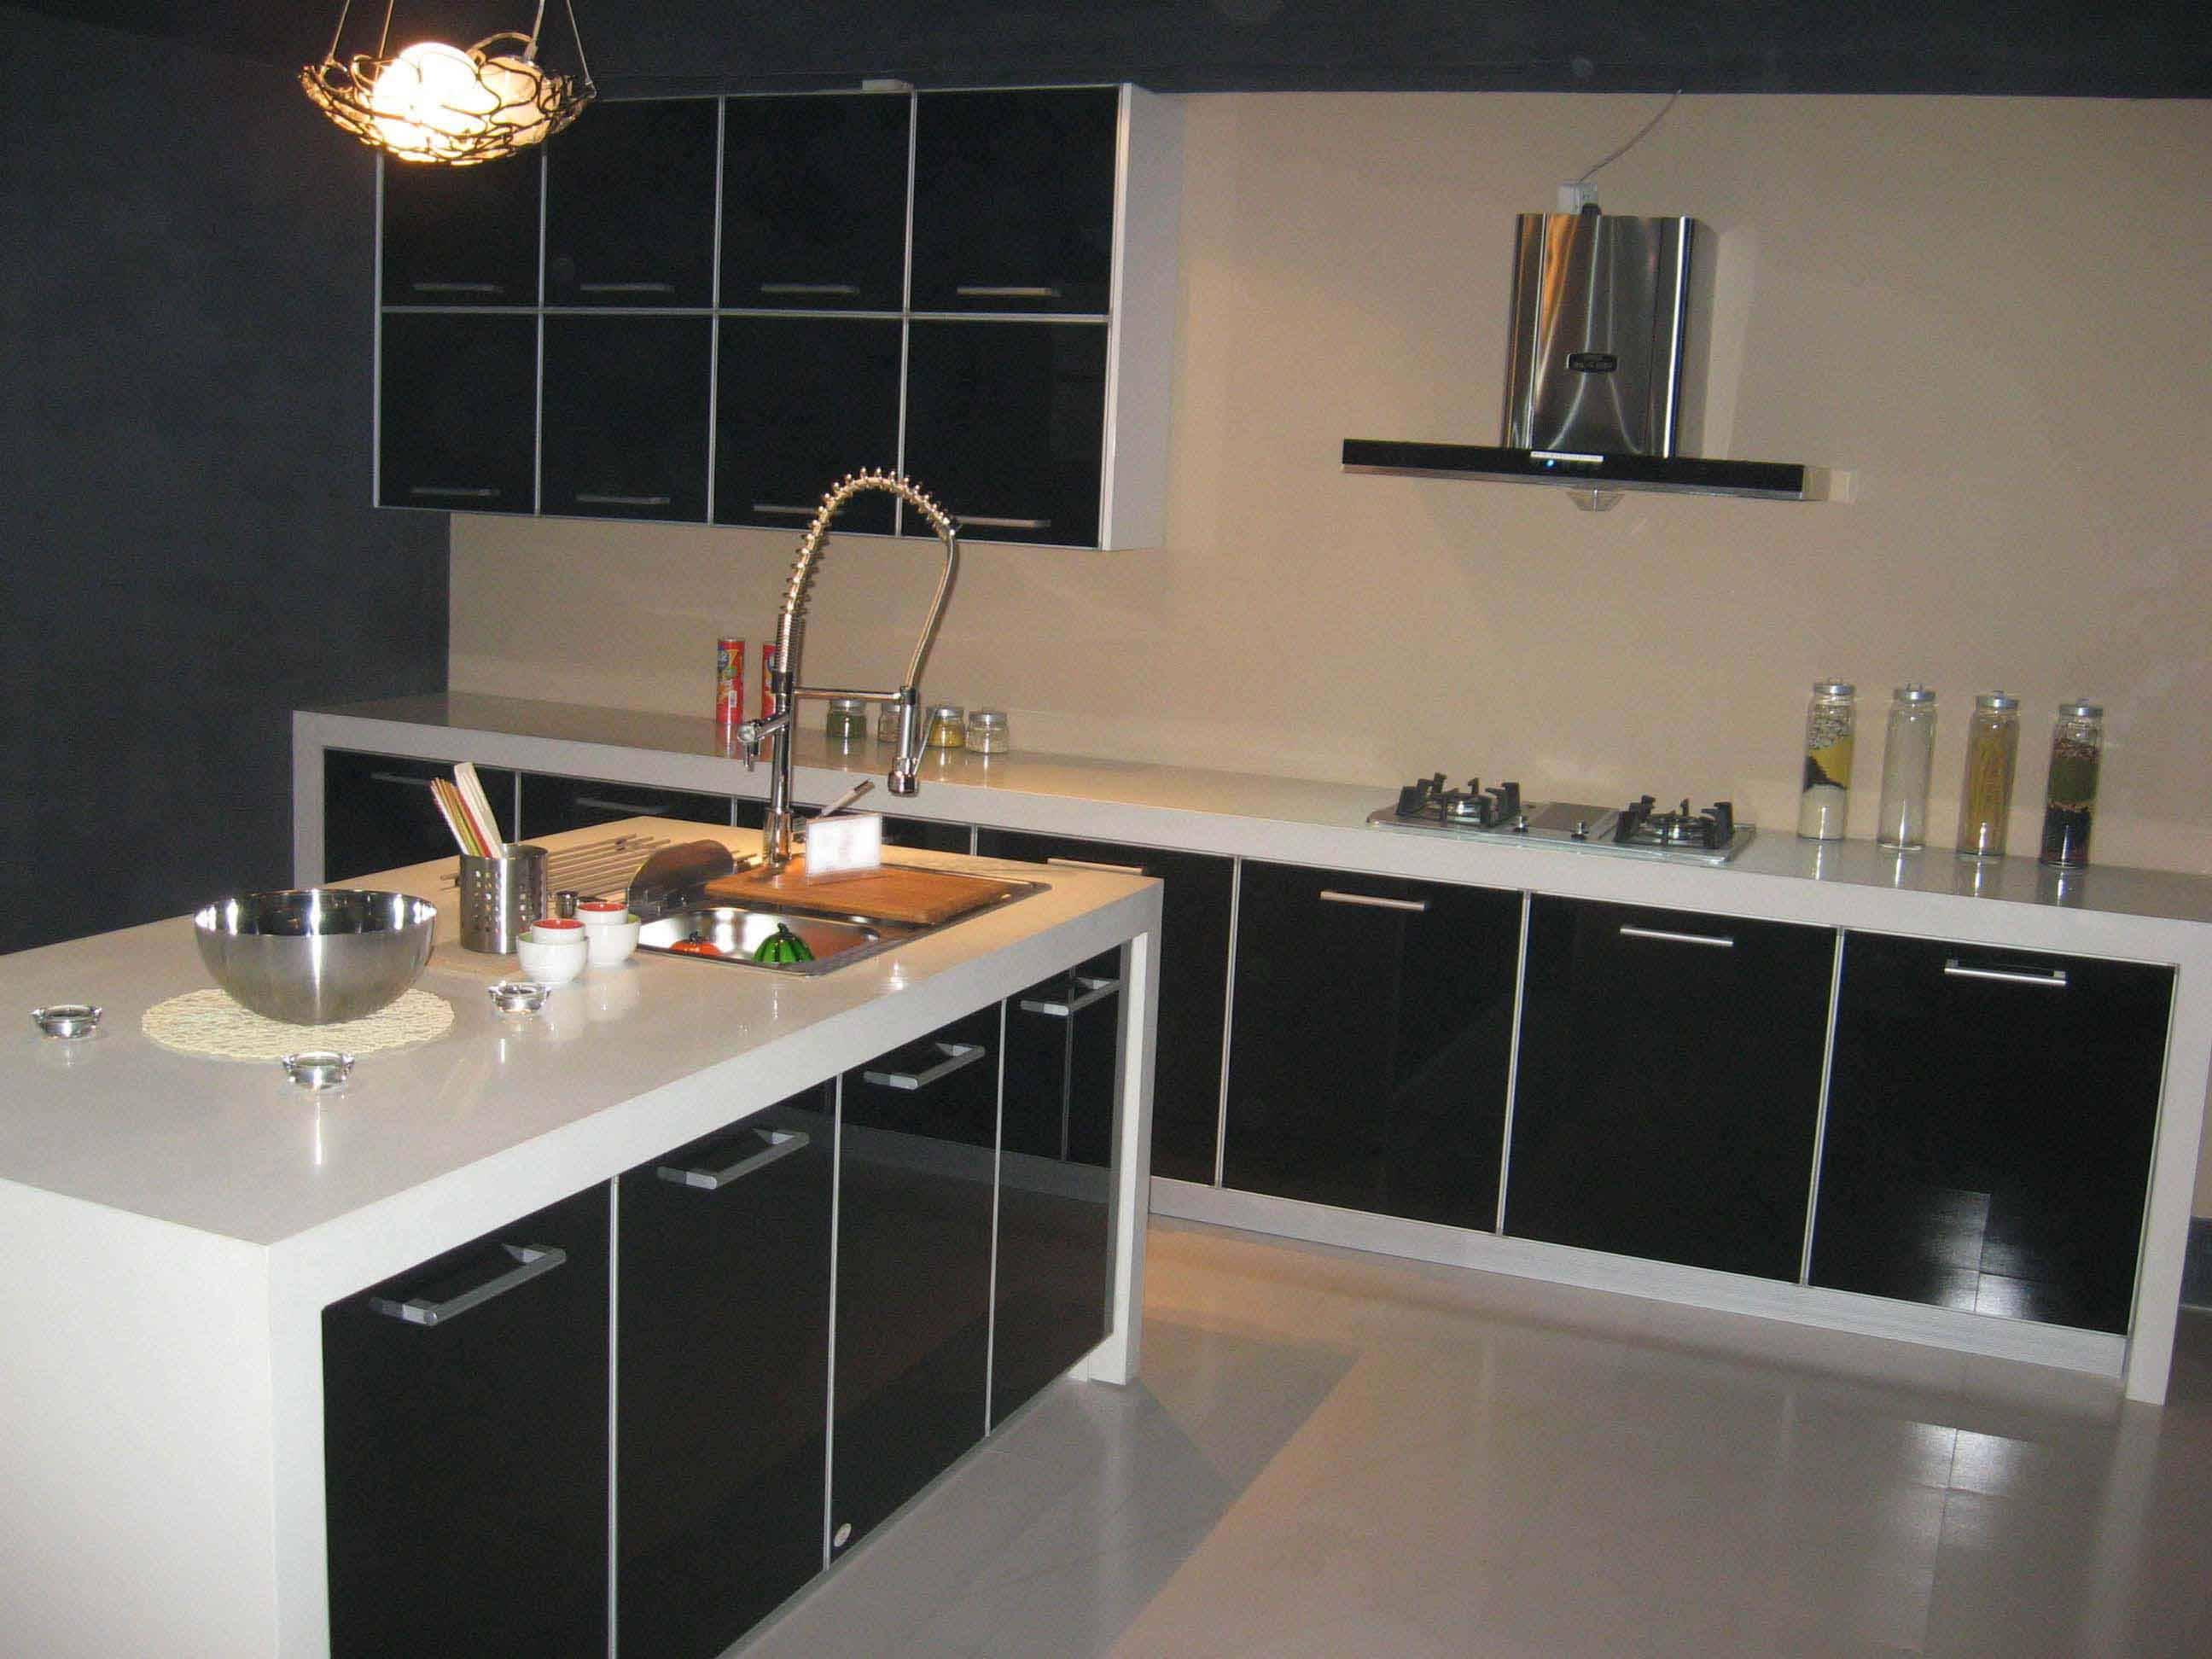 凯特整体厨房的厂家、价格、型号、图片、产地、品牌等信息!高清图片